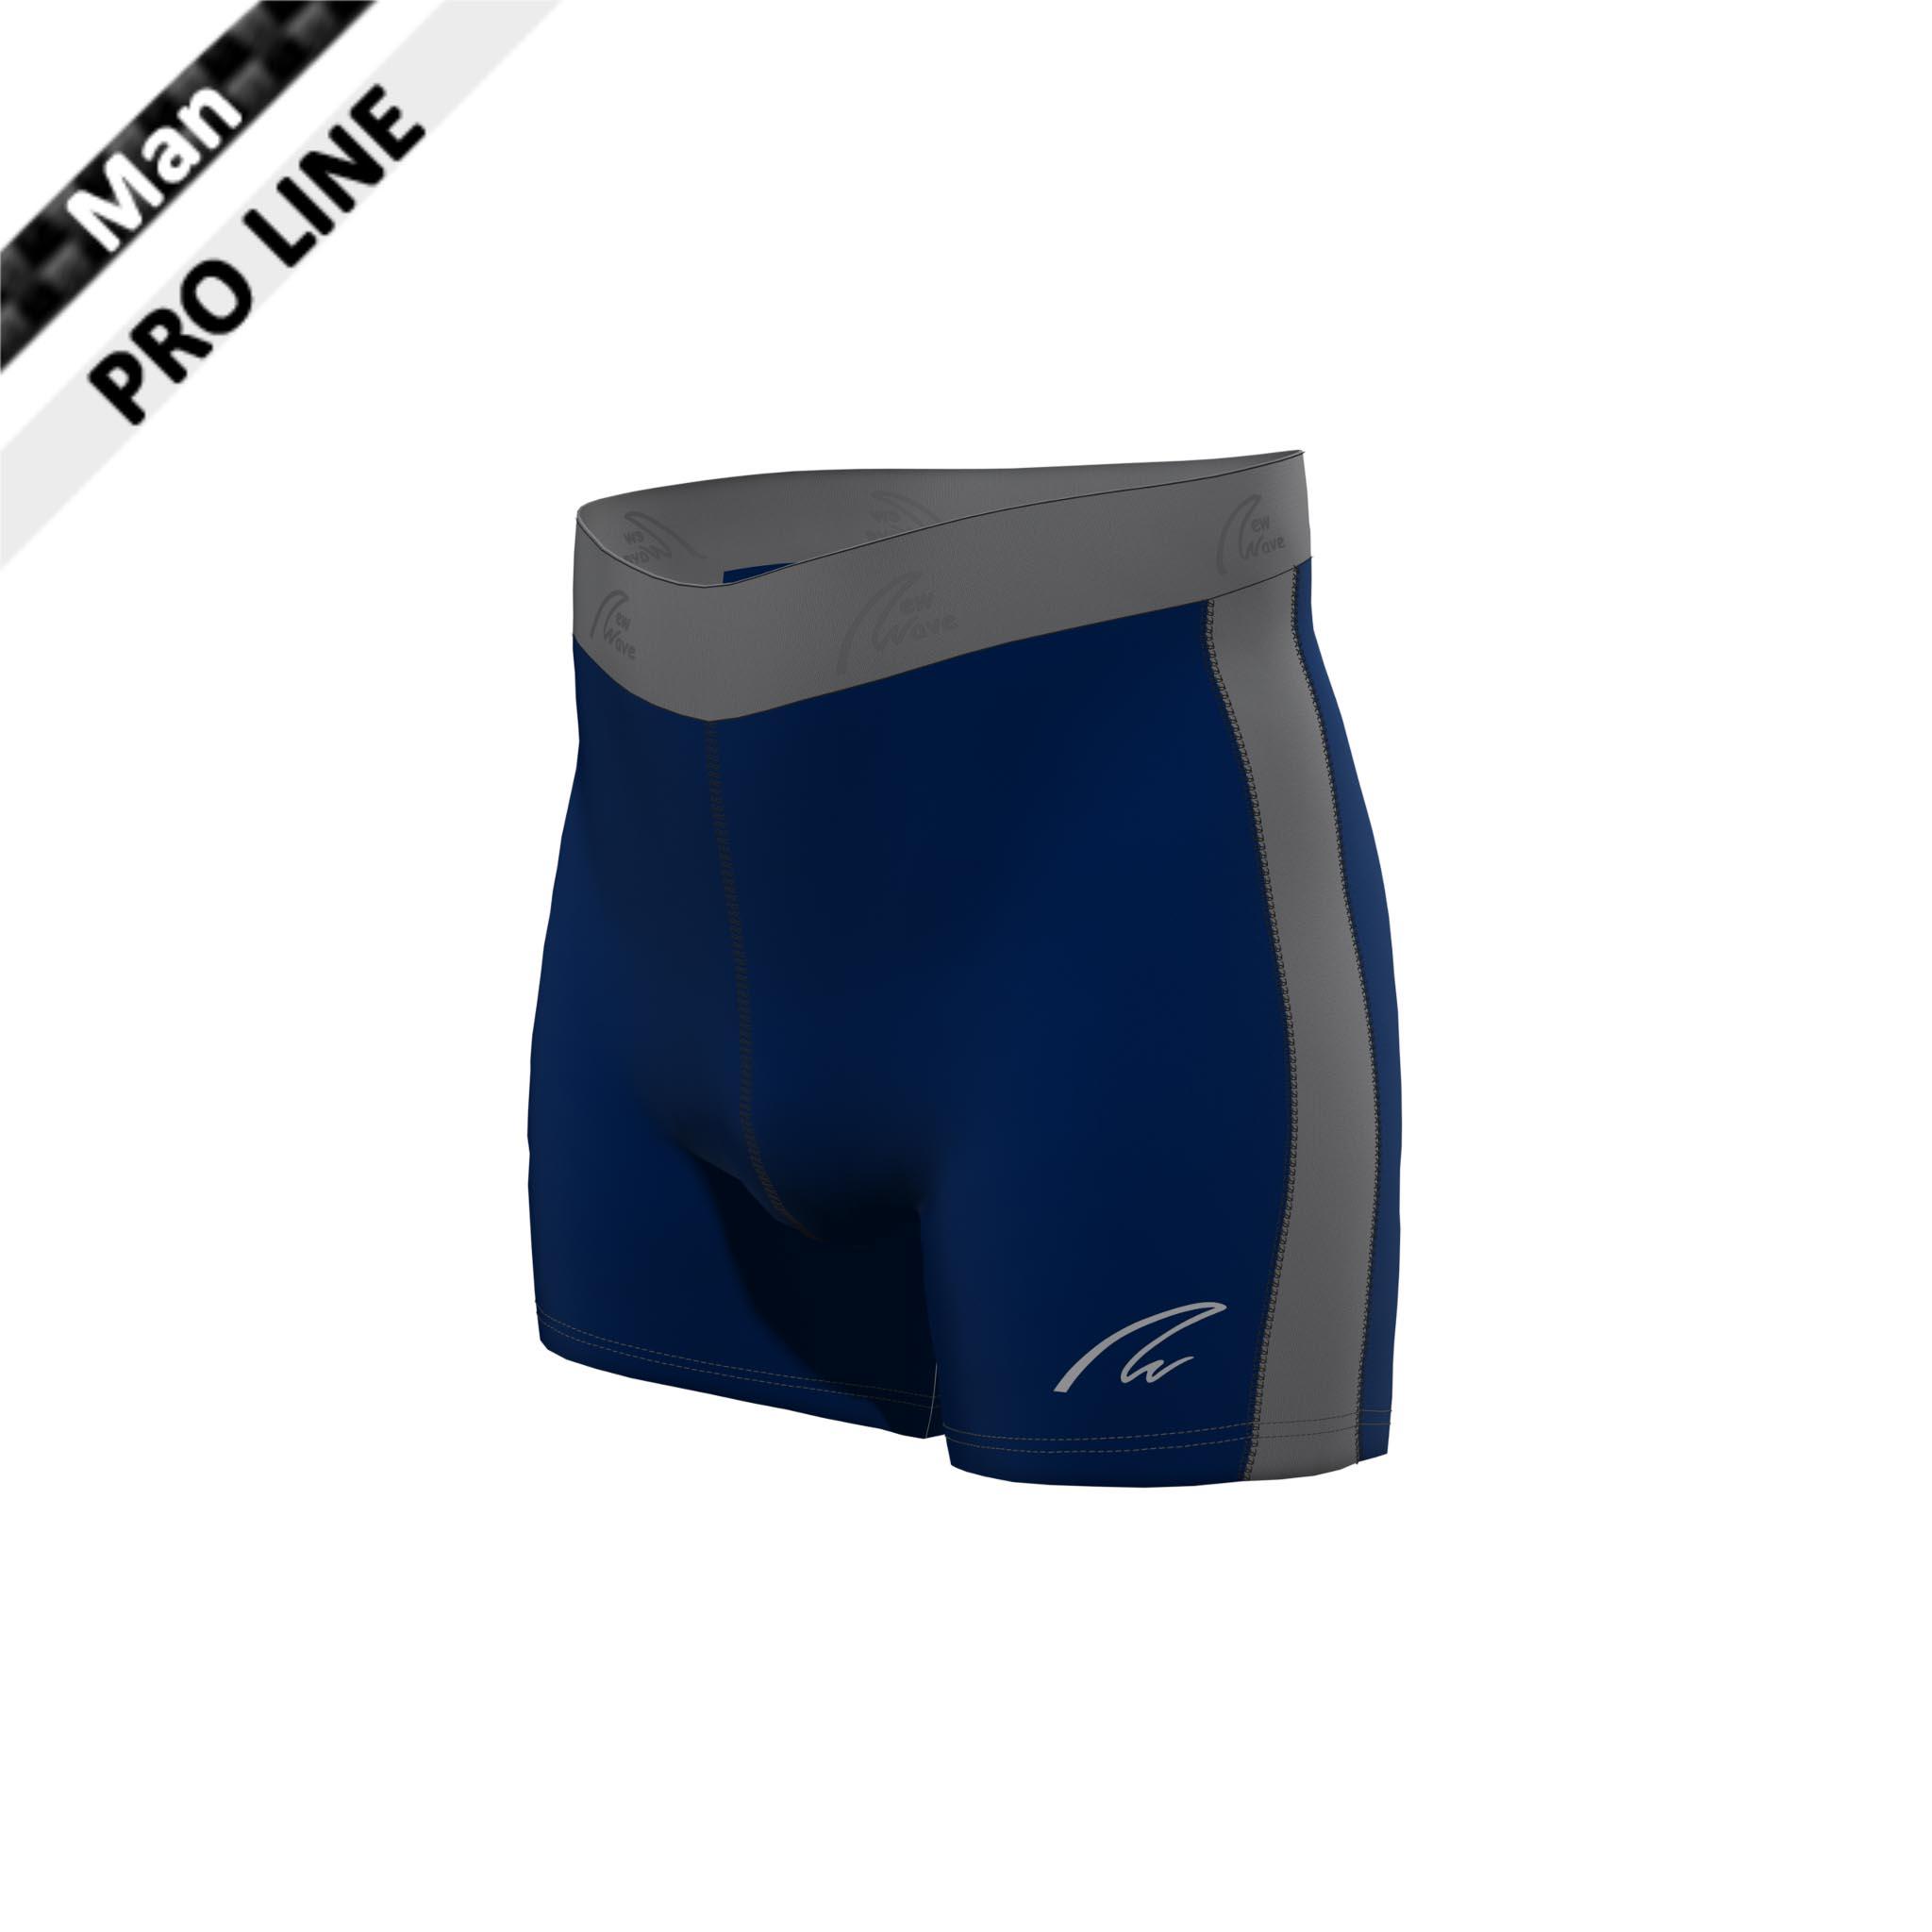 Flex Shorts - Navy & Grey / Hose marine, Seitenstreifen grau